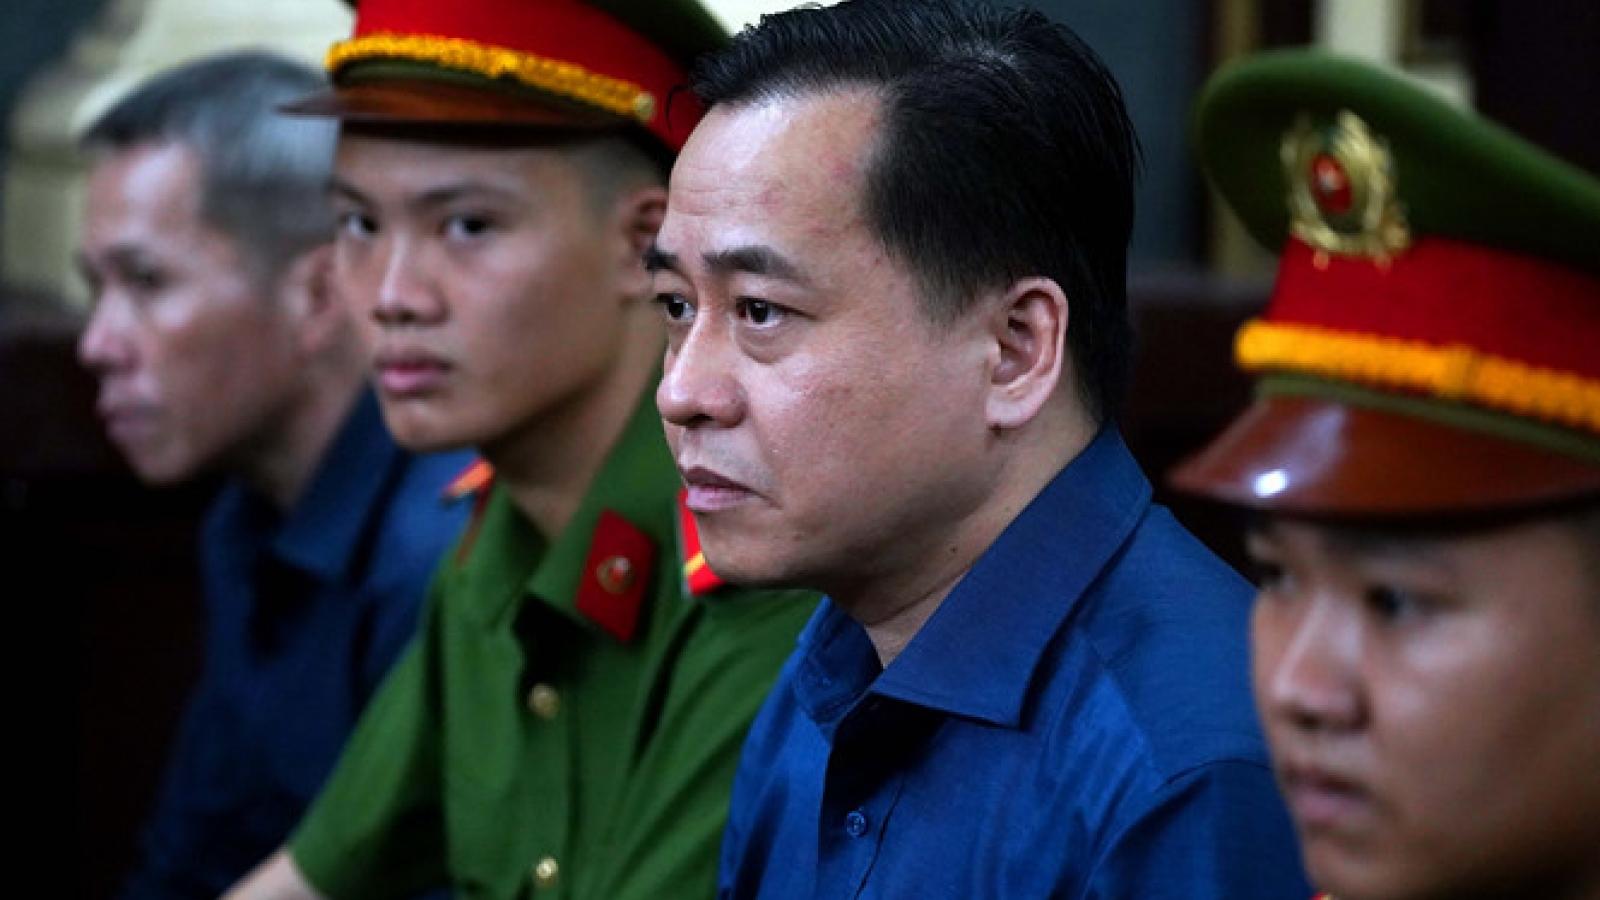 """Vụ Phan Văn Anh Vũ nhờ """"thầy phong thủy"""" đưa hối lộ: Trả hồ sơ điều tra bổ sung"""